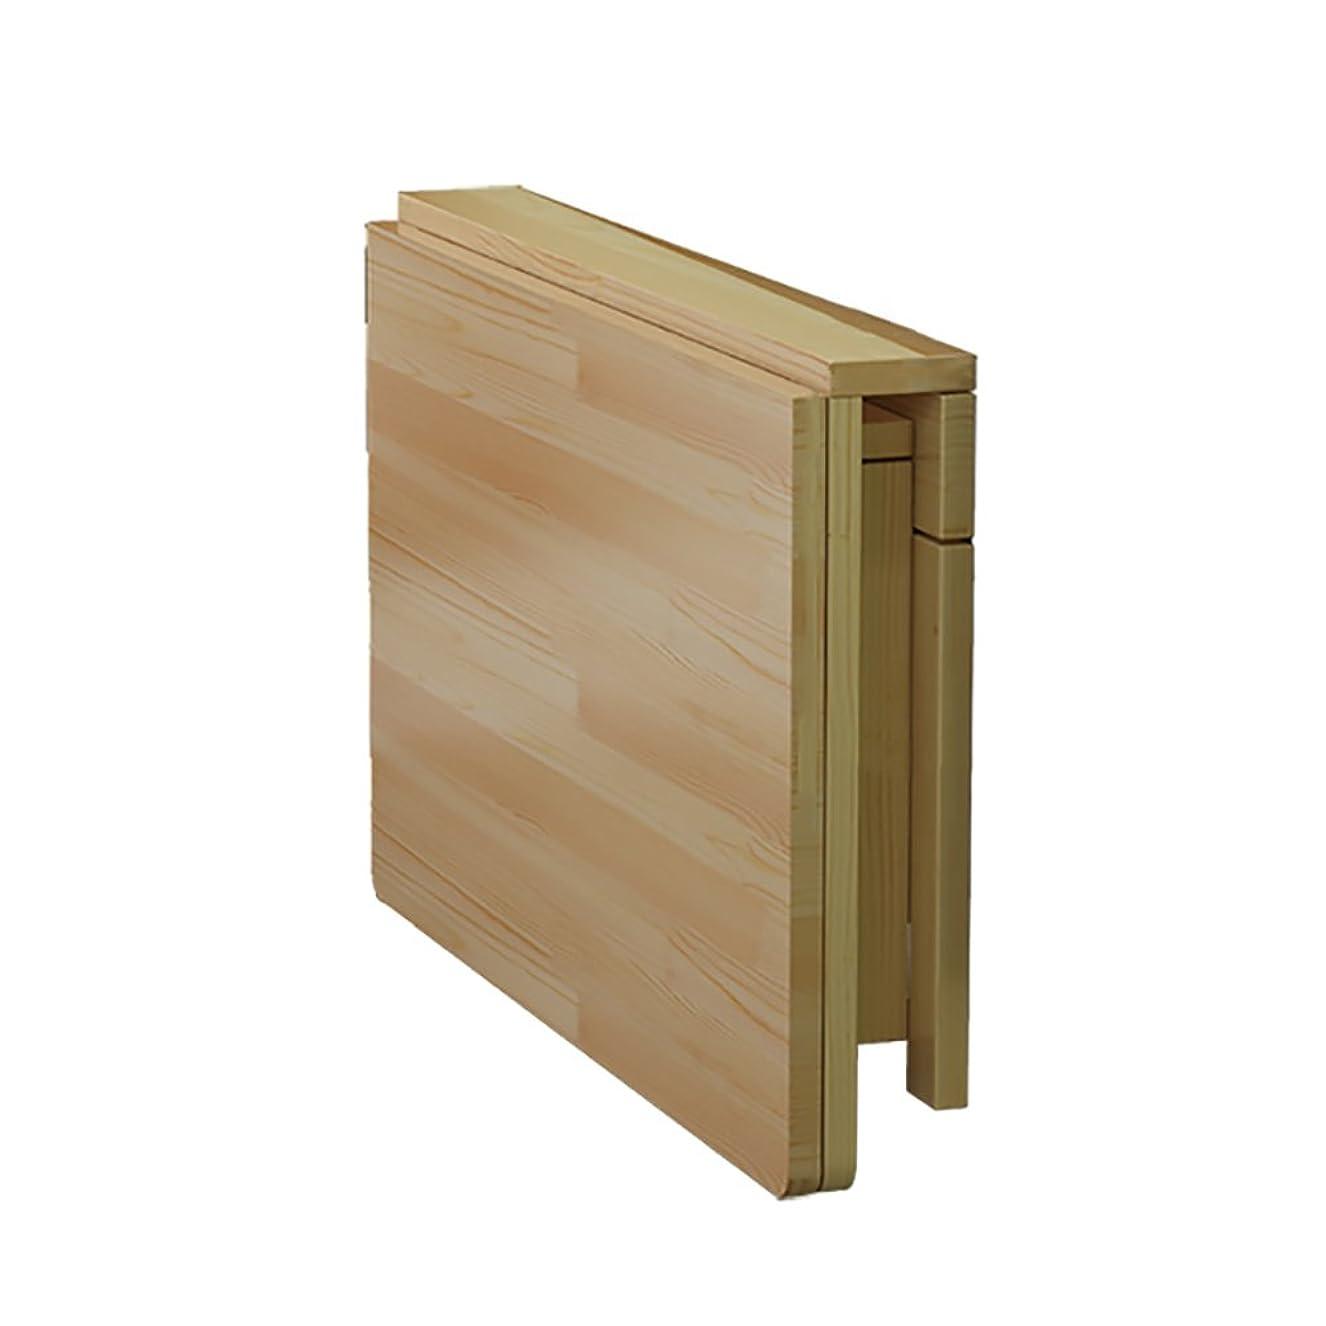 スチール適応的矩形QING MEI 折りたたみ式テーブル、ダブルブラケット無垢材壁掛け壁掛けテーブル、壁折りたたみ式テーブル、ホームコンピュータデスクダイニングテーブルデスクウォールテーブル A++ (サイズ さいず : 100x50cm)